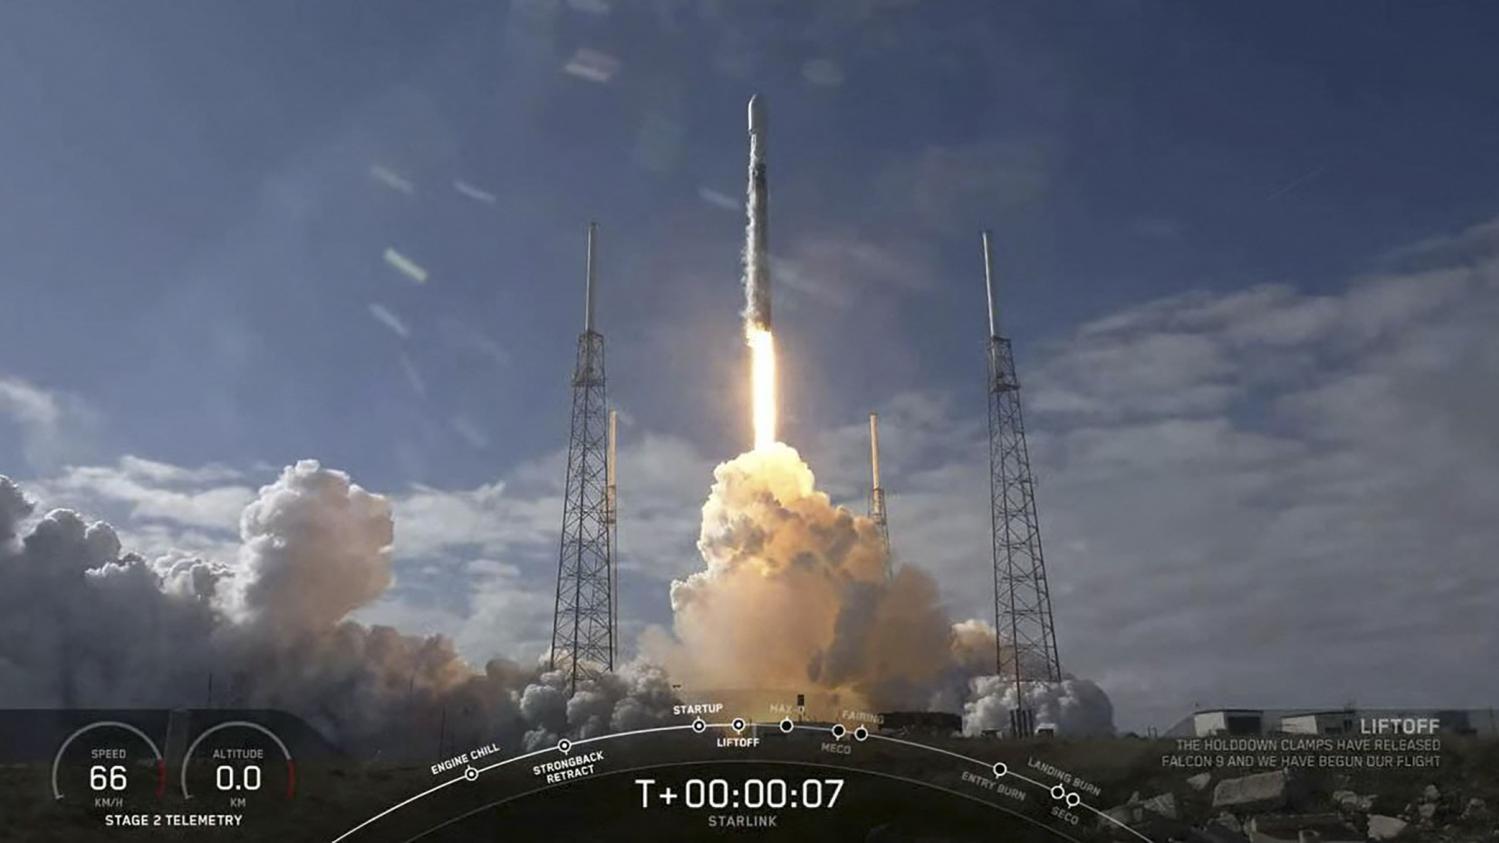 La pollution lumineuse des constellations de satellites comme Starlink de SpaceX inquiète les astronomes - Franceinfo